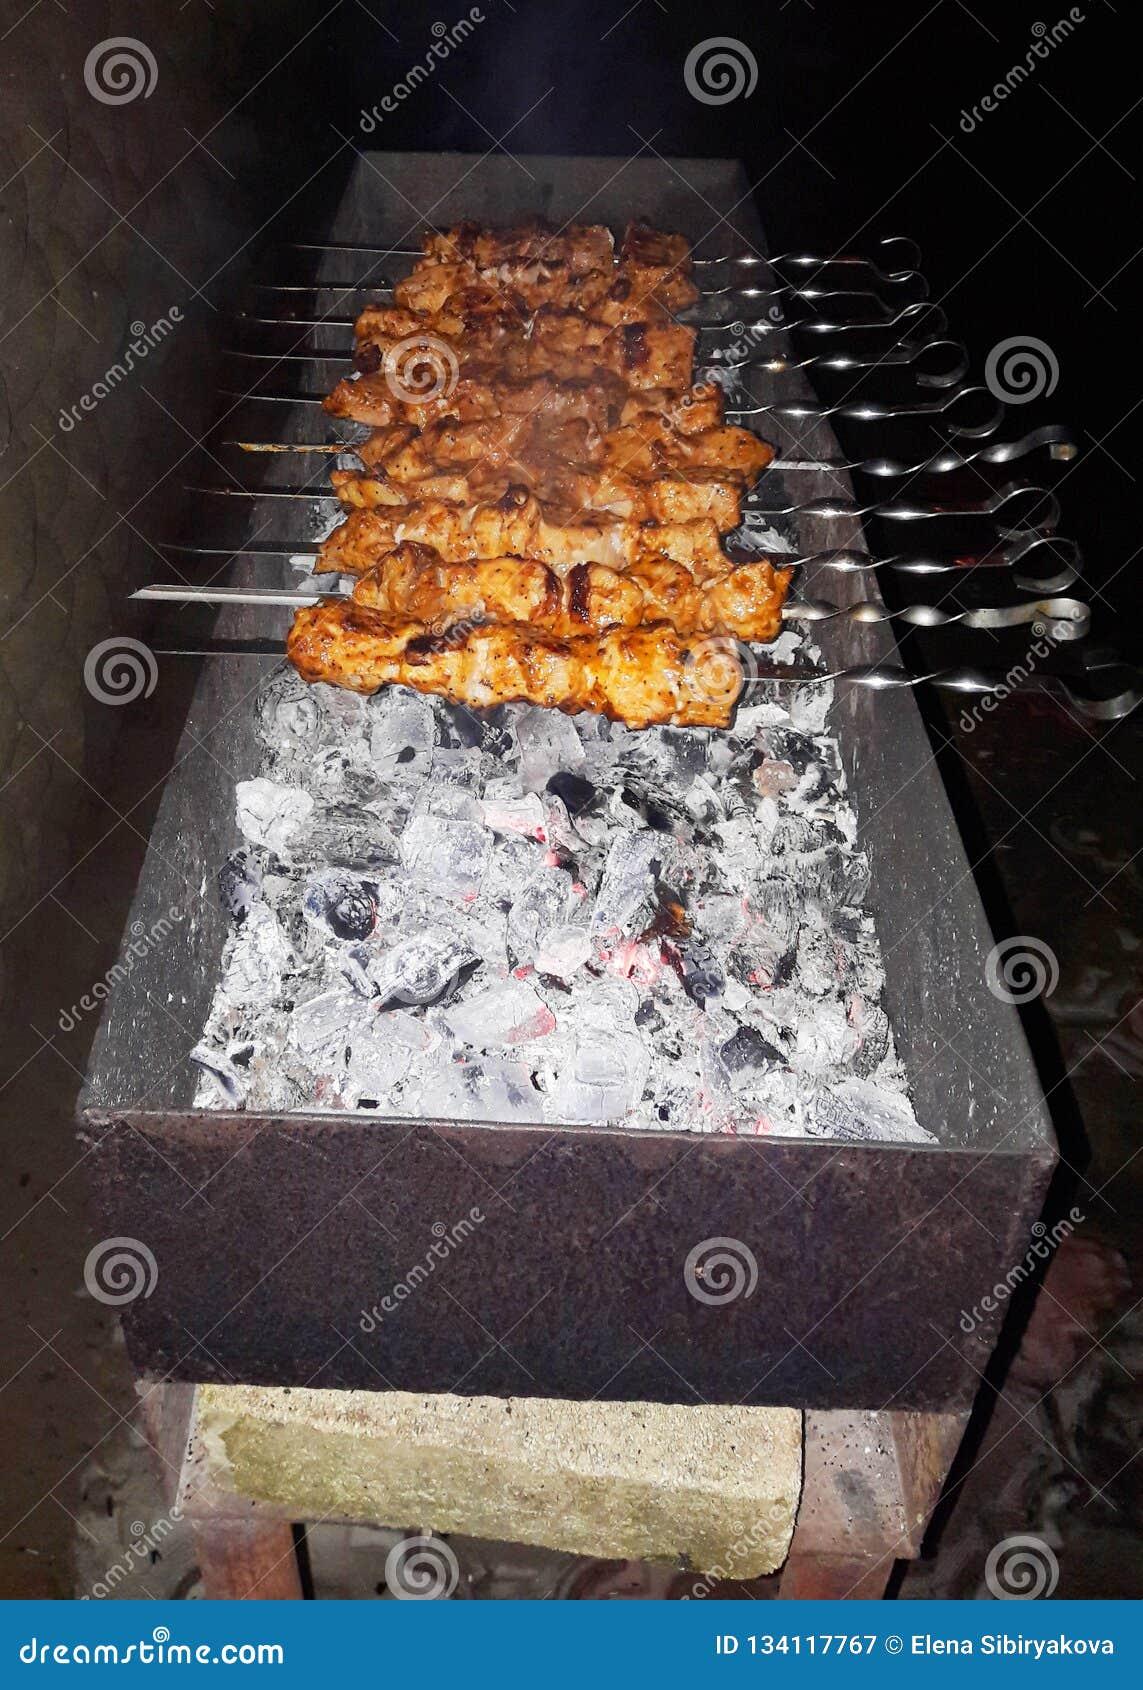 Carne del Bbq Parrilla al aire libre delicions de la parrilla de la barbacoa